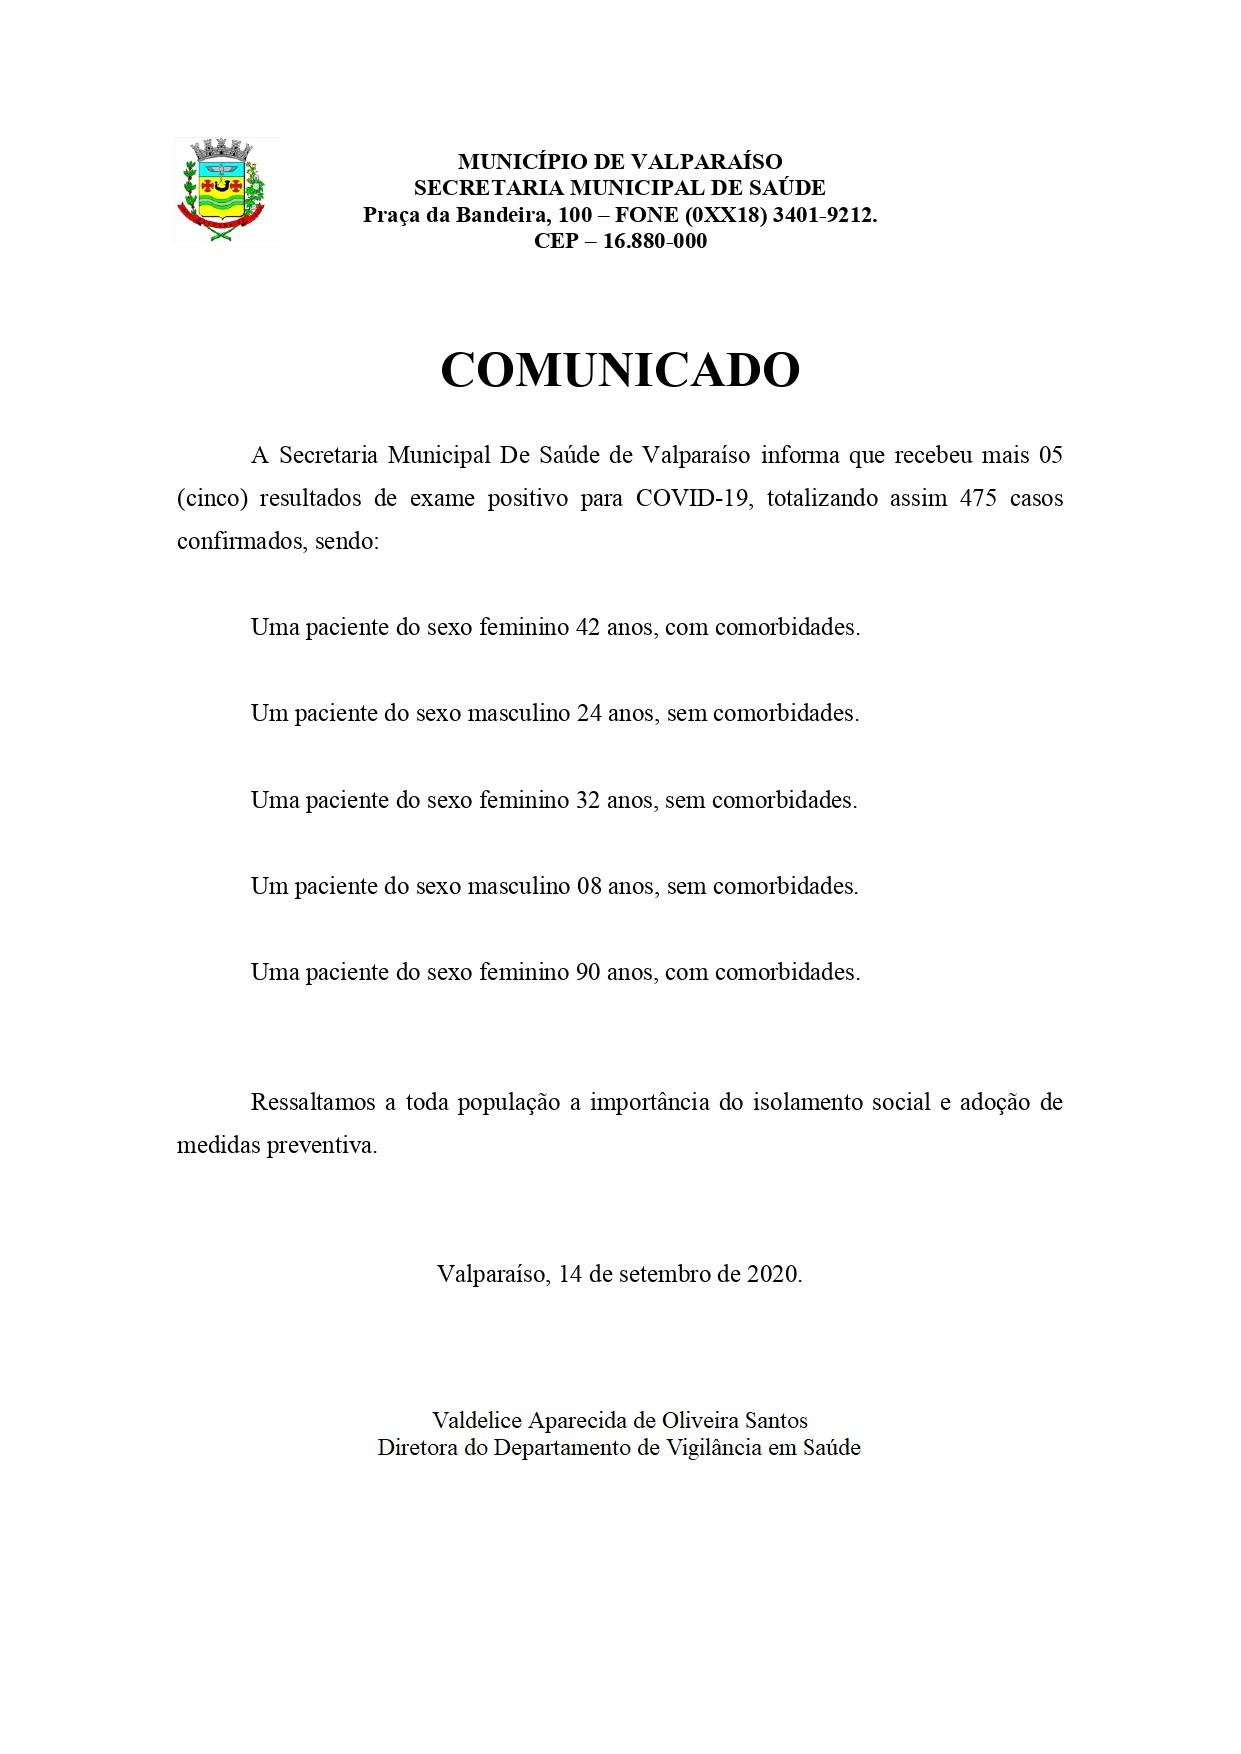 covid475